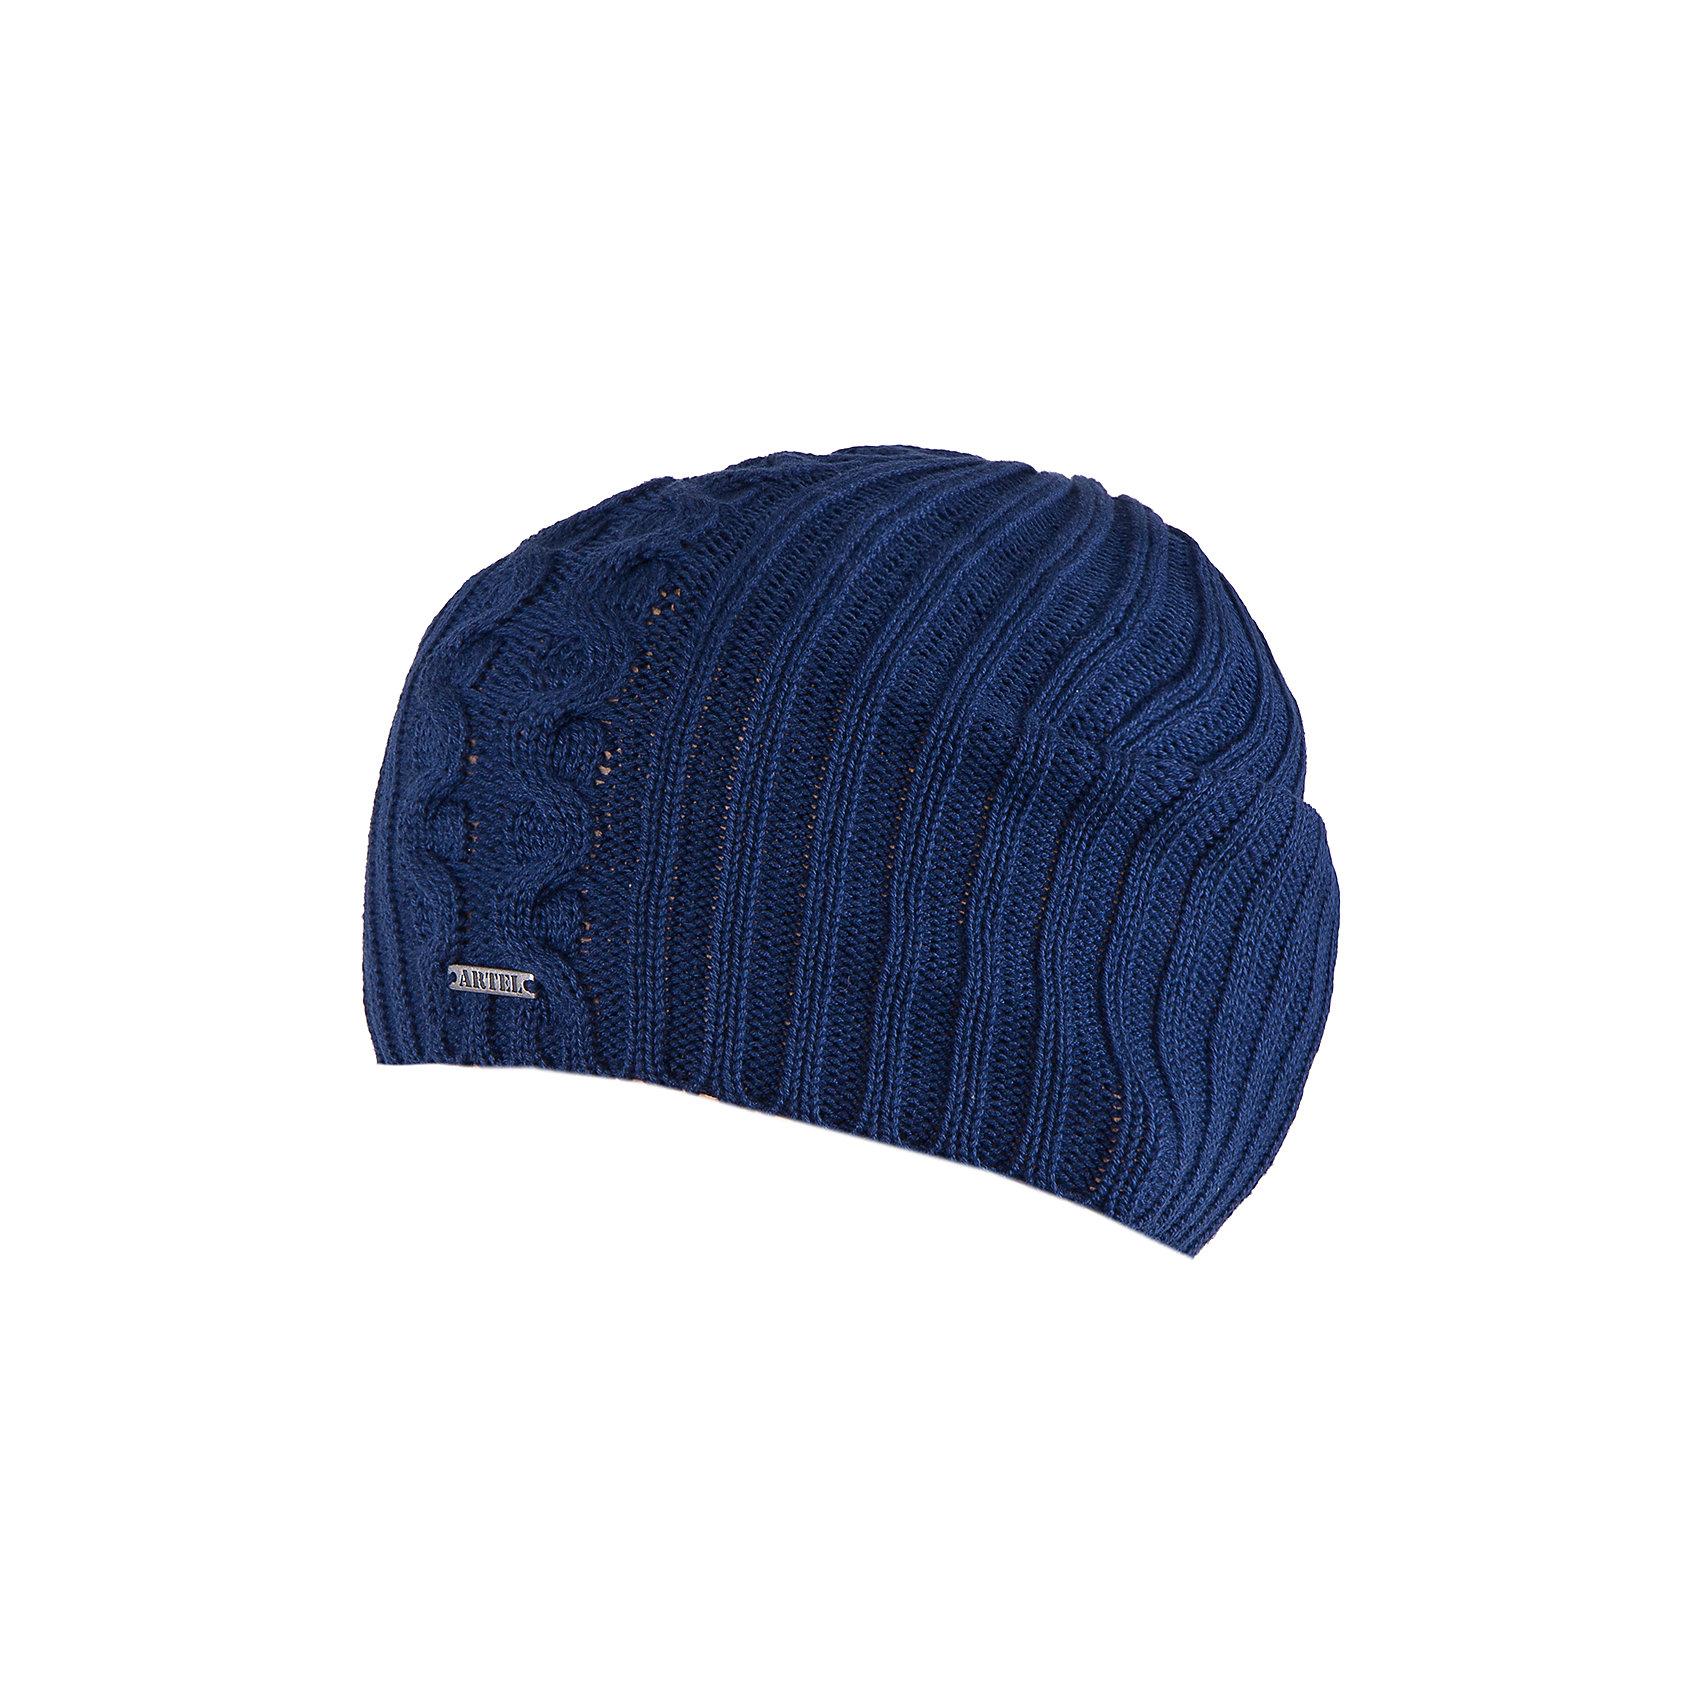 Шапка для мальчика АртельШапка для мальчика от торговой марки Артель <br><br>Стильная теплая шапка отлично смотрится на детях, обеспечивает комфорт и тепло. Изделие выполнено из качественных материалов, вязка плотная. Смешанный состав пряжи обеспечит износостойкость и удобство. Отличный вариант для переменной погоды межсезонья! <br>Одежда от бренда Артель – это высокое качество по приемлемой цене и всегда продуманный дизайн. <br><br>Особенности модели: <br>- цвет — синий; <br>- украшена металлическим логотипом;<br>- пряжа смешанного состава. <br><br>Дополнительная информация: <br><br>Состав: 50% хлопок, 50% пан.<br><br><br>Температурный режим: <br>От -5 °C до +15 °C <br><br>Шапку для мальчика Артель (Artel) можно купить в нашем магазине.<br><br>Ширина мм: 89<br>Глубина мм: 117<br>Высота мм: 44<br>Вес г: 155<br>Цвет: синий<br>Возраст от месяцев: 60<br>Возраст до месяцев: 72<br>Пол: Мужской<br>Возраст: Детский<br>Размер: 52,54,50<br>SKU: 4500775